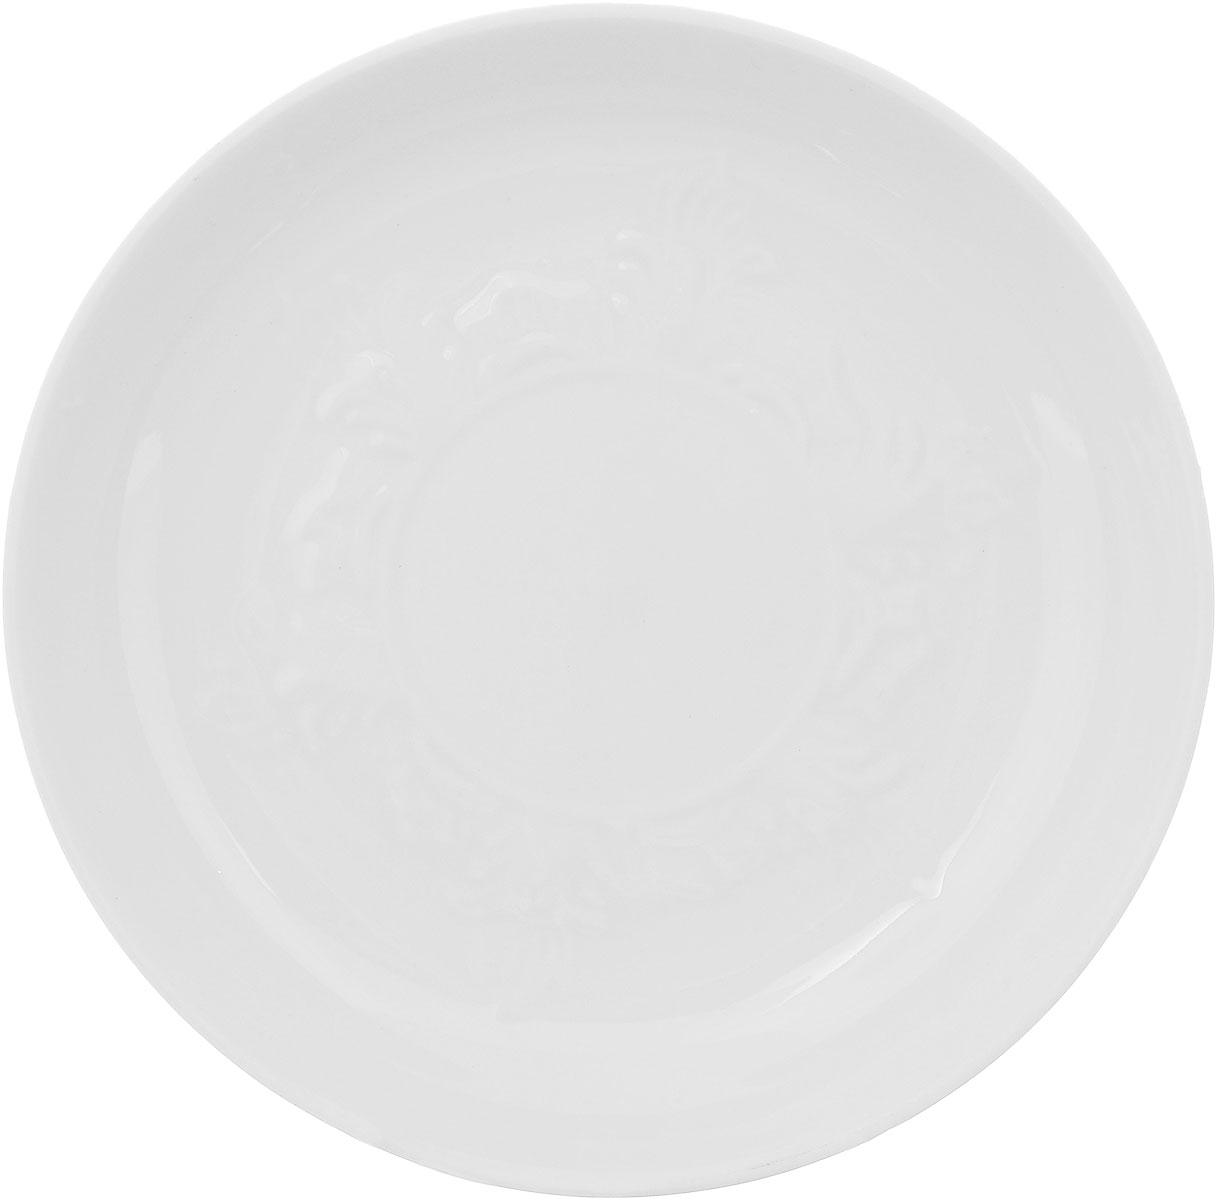 Блюдце Фарфор Вербилок, диаметр 14 см. 55800Б55800ББлюдце Фарфор Вербилок выполнено из высококачественного фарфора. Изделие идеально подойдет для сервировки стола и станет отличным подарком к любому празднику. Диаметр блюдца (по верхнему краю): 14 см. Высота блюдца: 2,5 см.